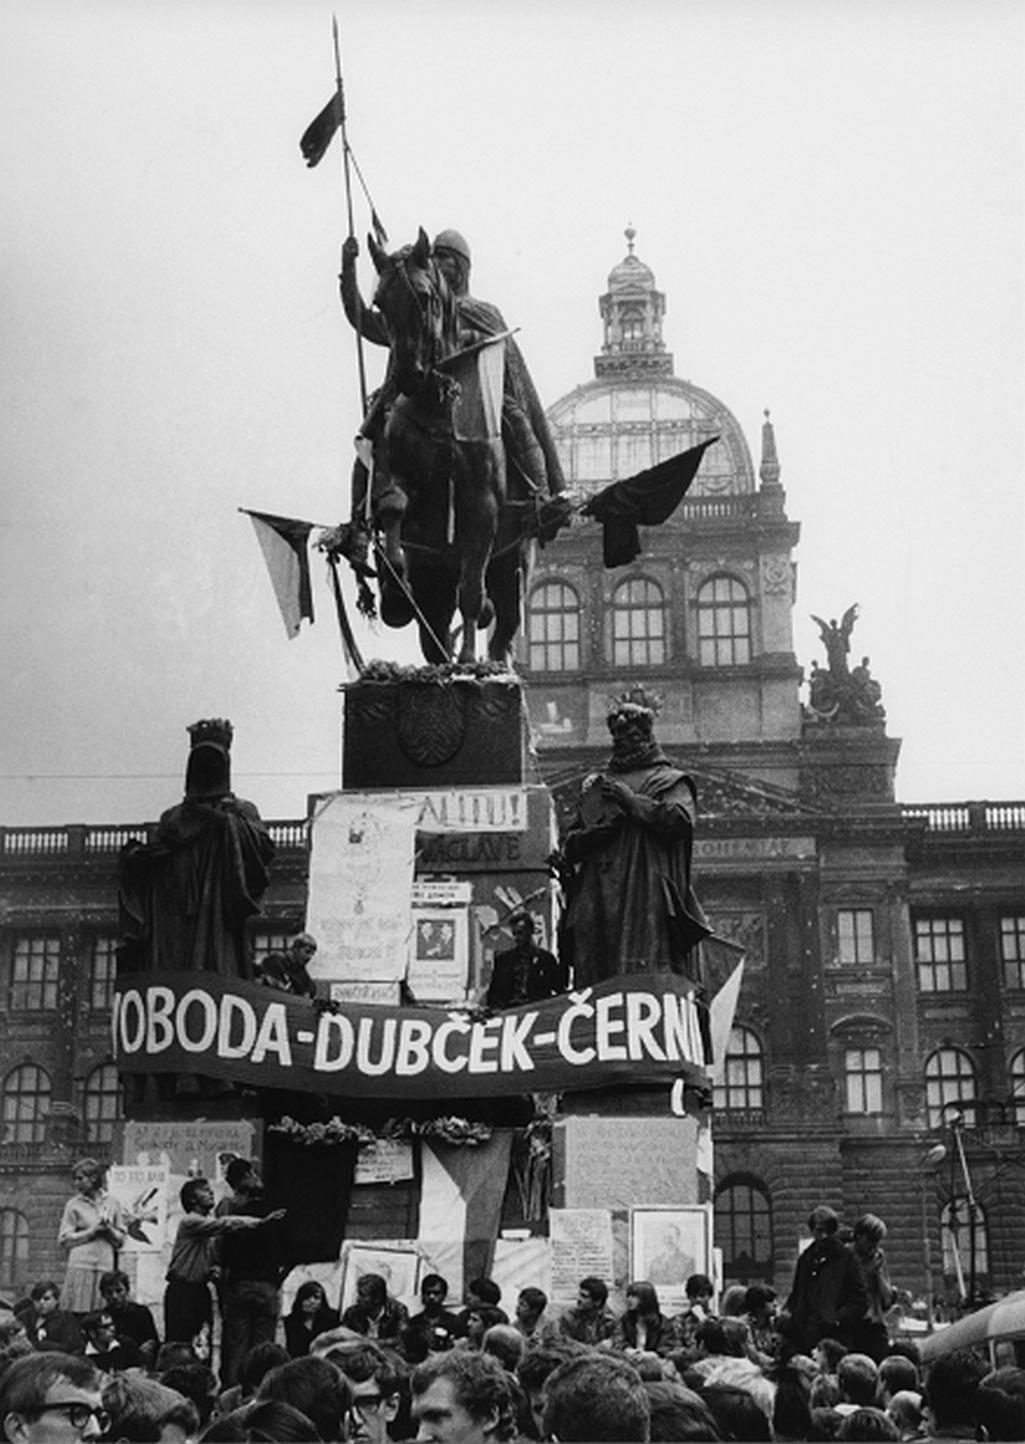 Ze soutěže Československo - fotografie roku ´68 (Czech Photo Centre)